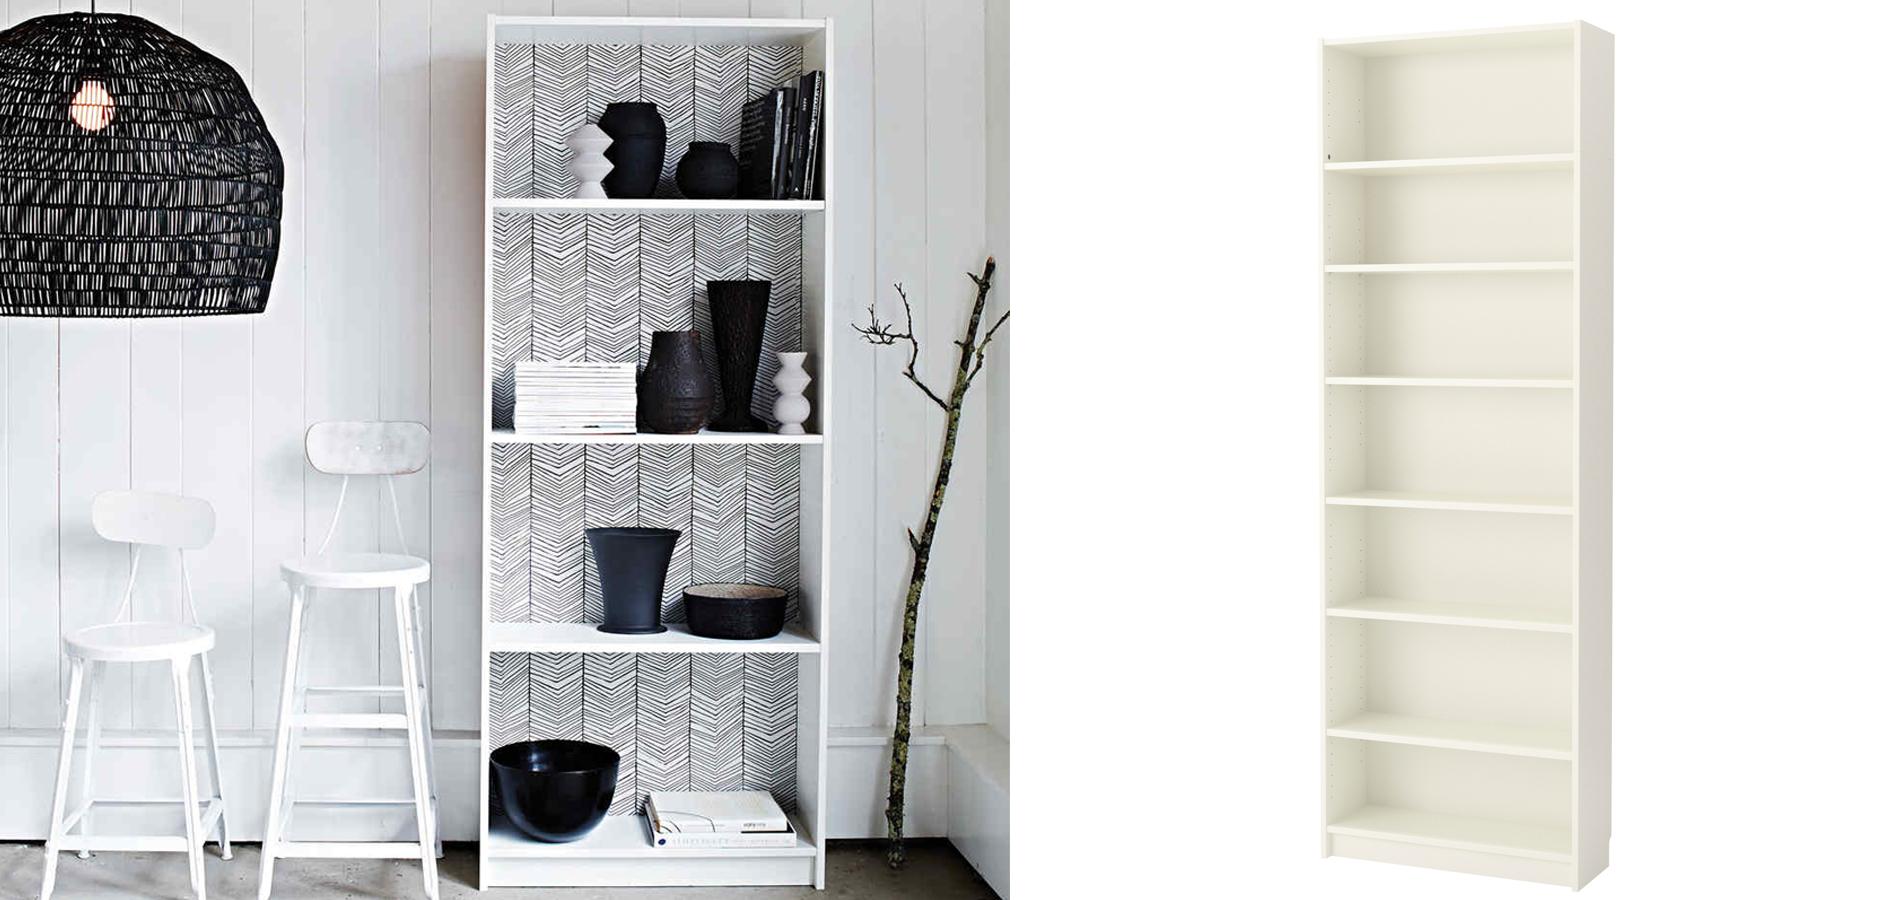 Faire Un Banc Avec Meuble Ikea billy, besta, kallax : 3 tutos faciles pour détourner les